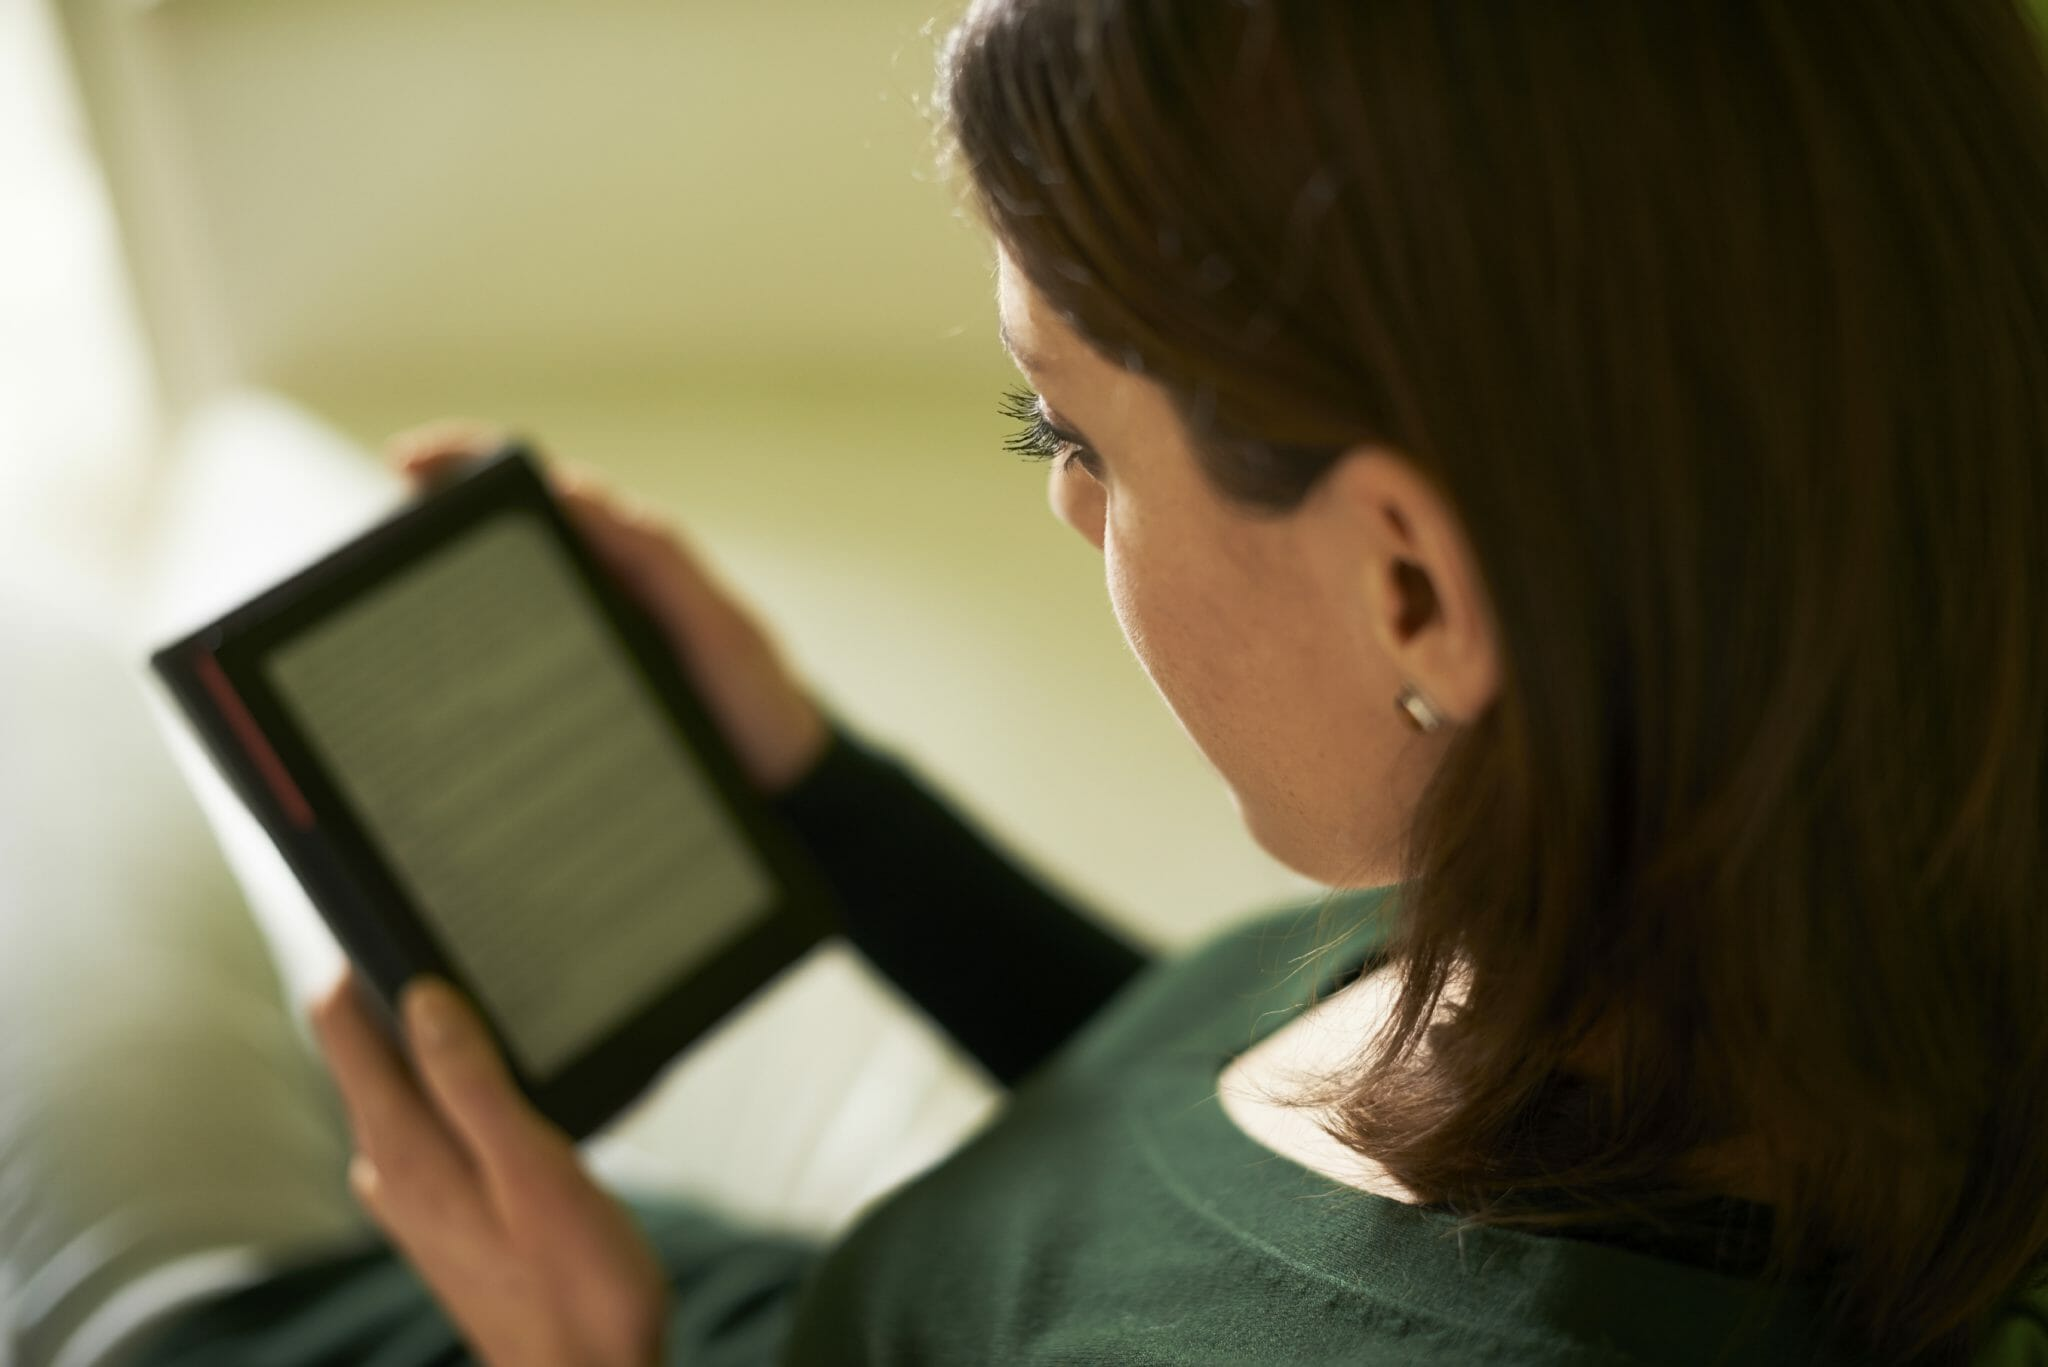 Oltre 200 ebook in offerta: letture utili e anti-stress per affrontare la quarantena (per grandi e bambini)